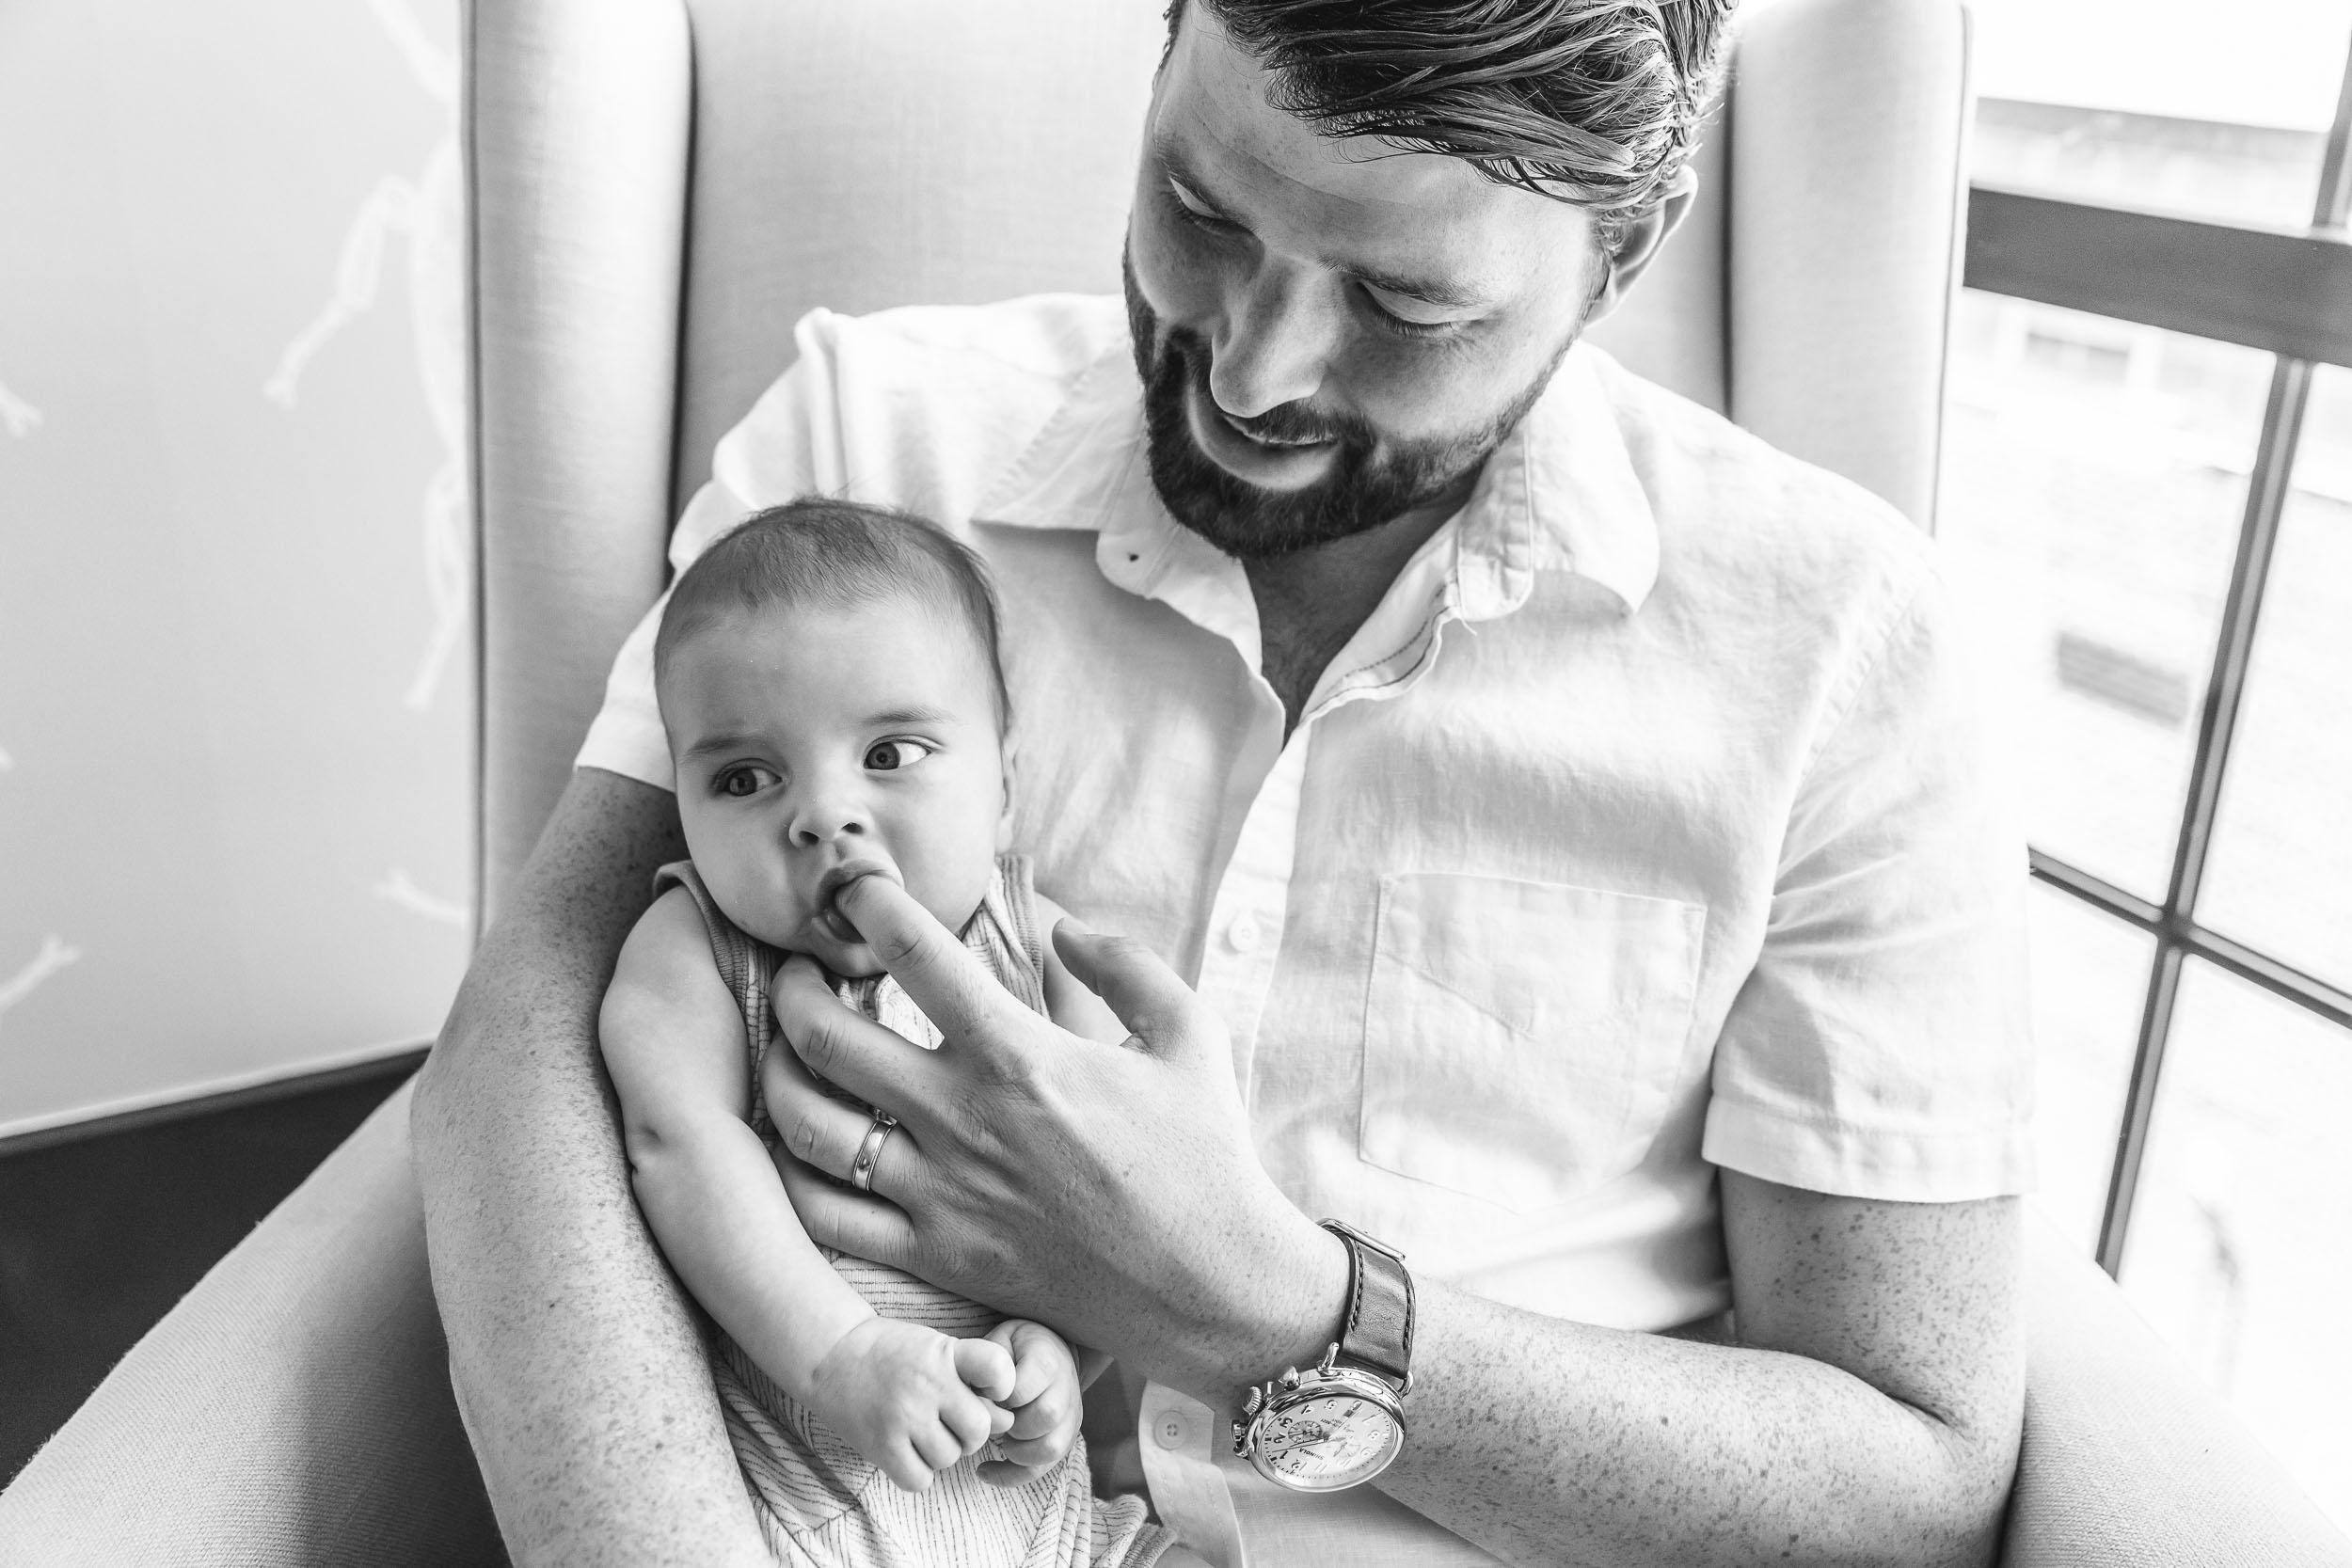 Dumbo_newborn_baby_lifestyle_photographer (19 of 19).jpg